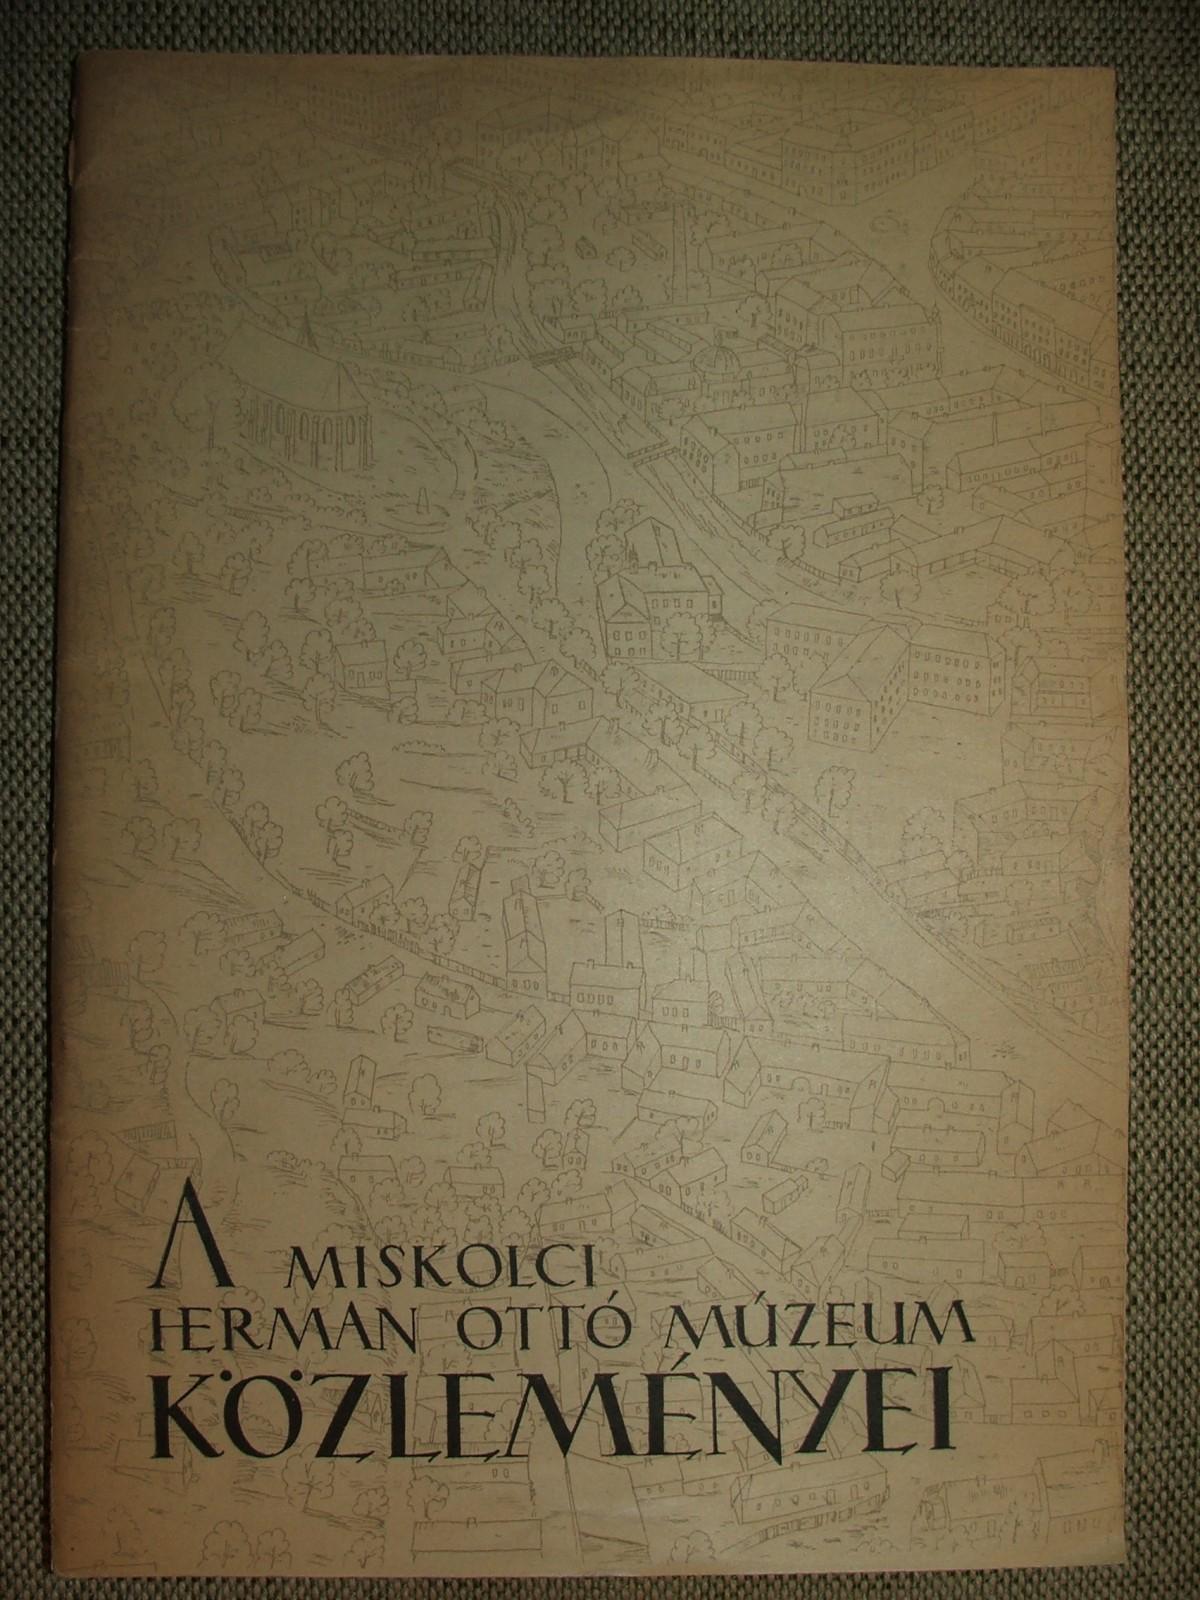 A miskolci Herman Ottó Múzeum közleményei (1955. szeptember.)